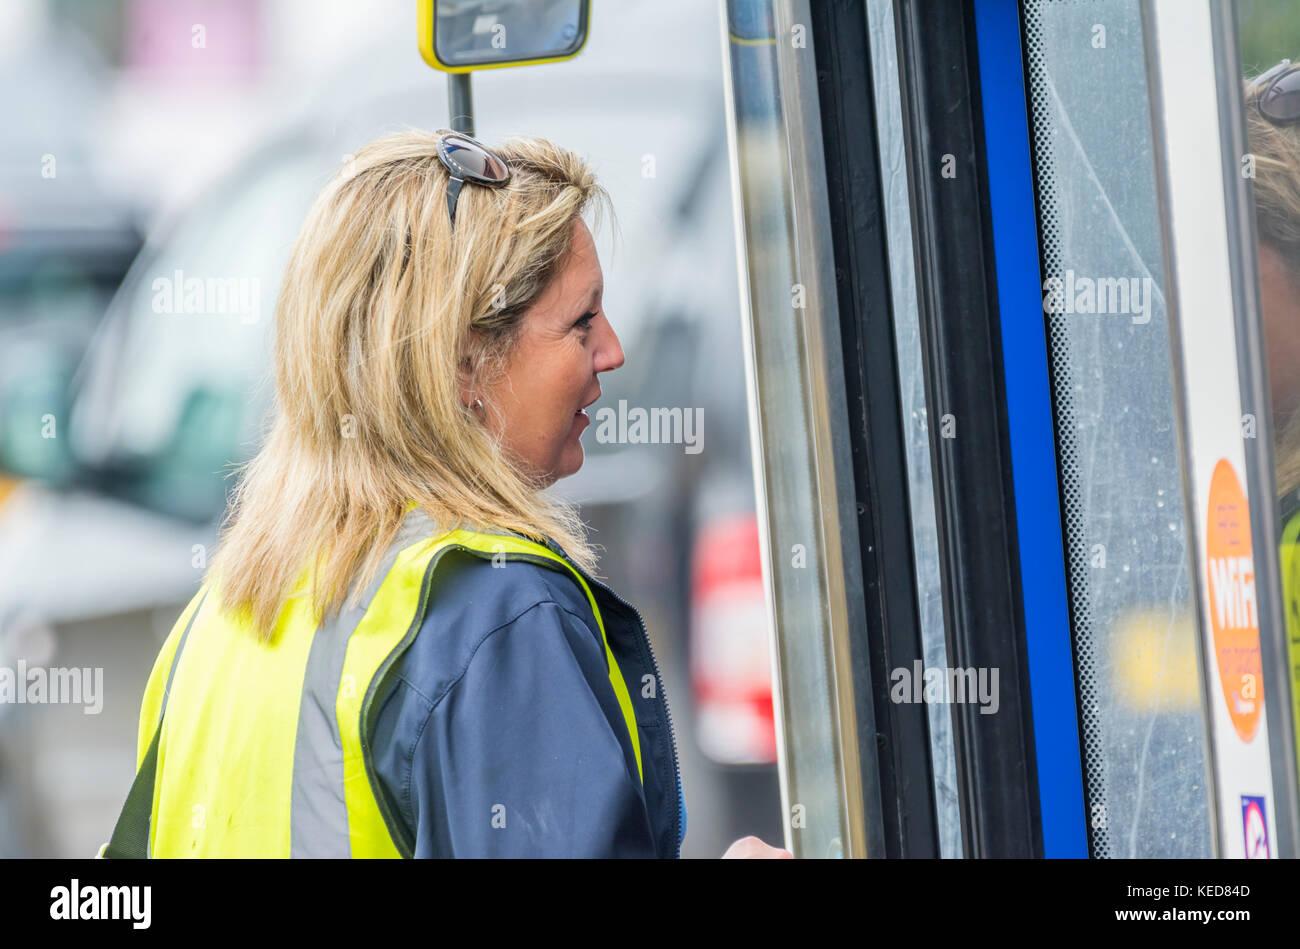 Conductor de autobuses Stagecoach femenina acerca a bordo de un autobús en el Reino Unido. Imagen De Stock